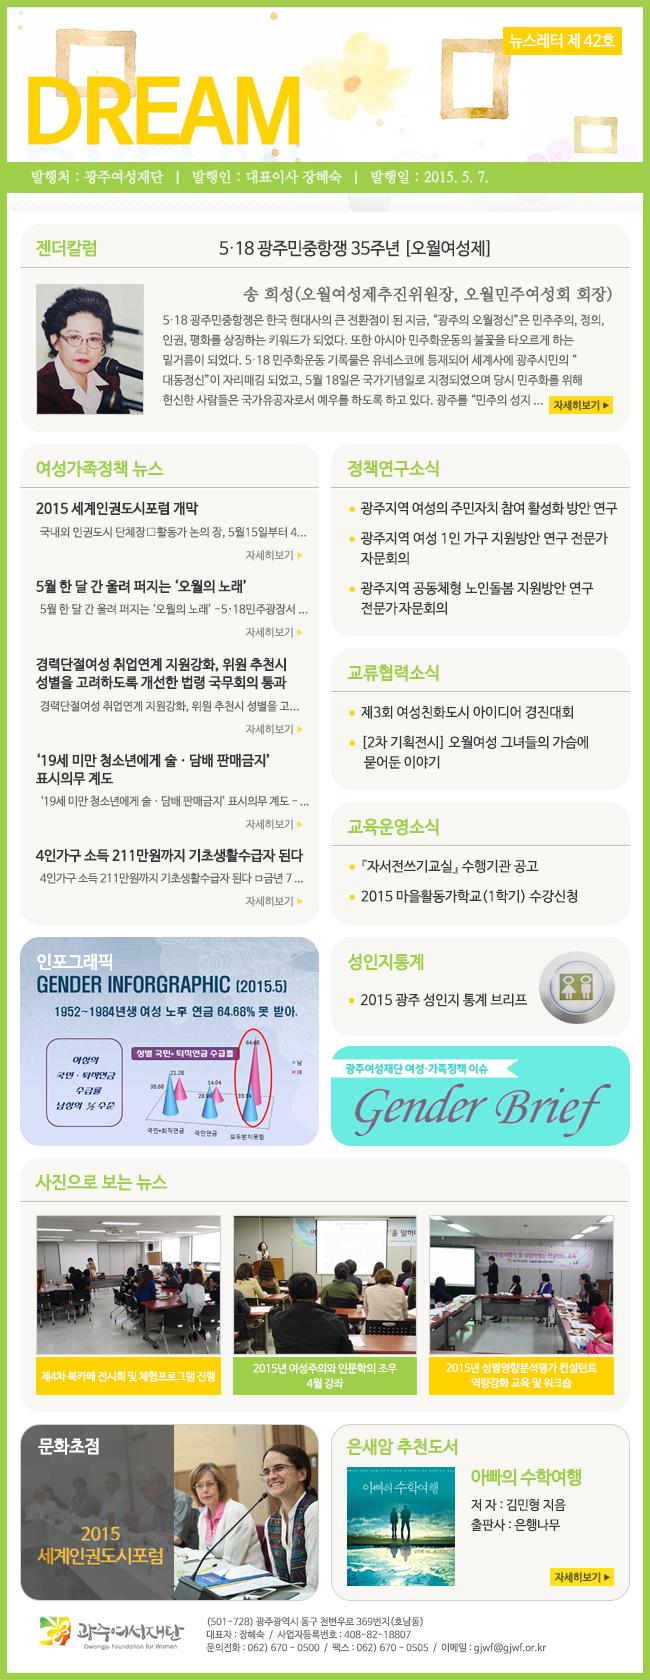 뉴스레터 드림 42호(15.5월) 썸네일